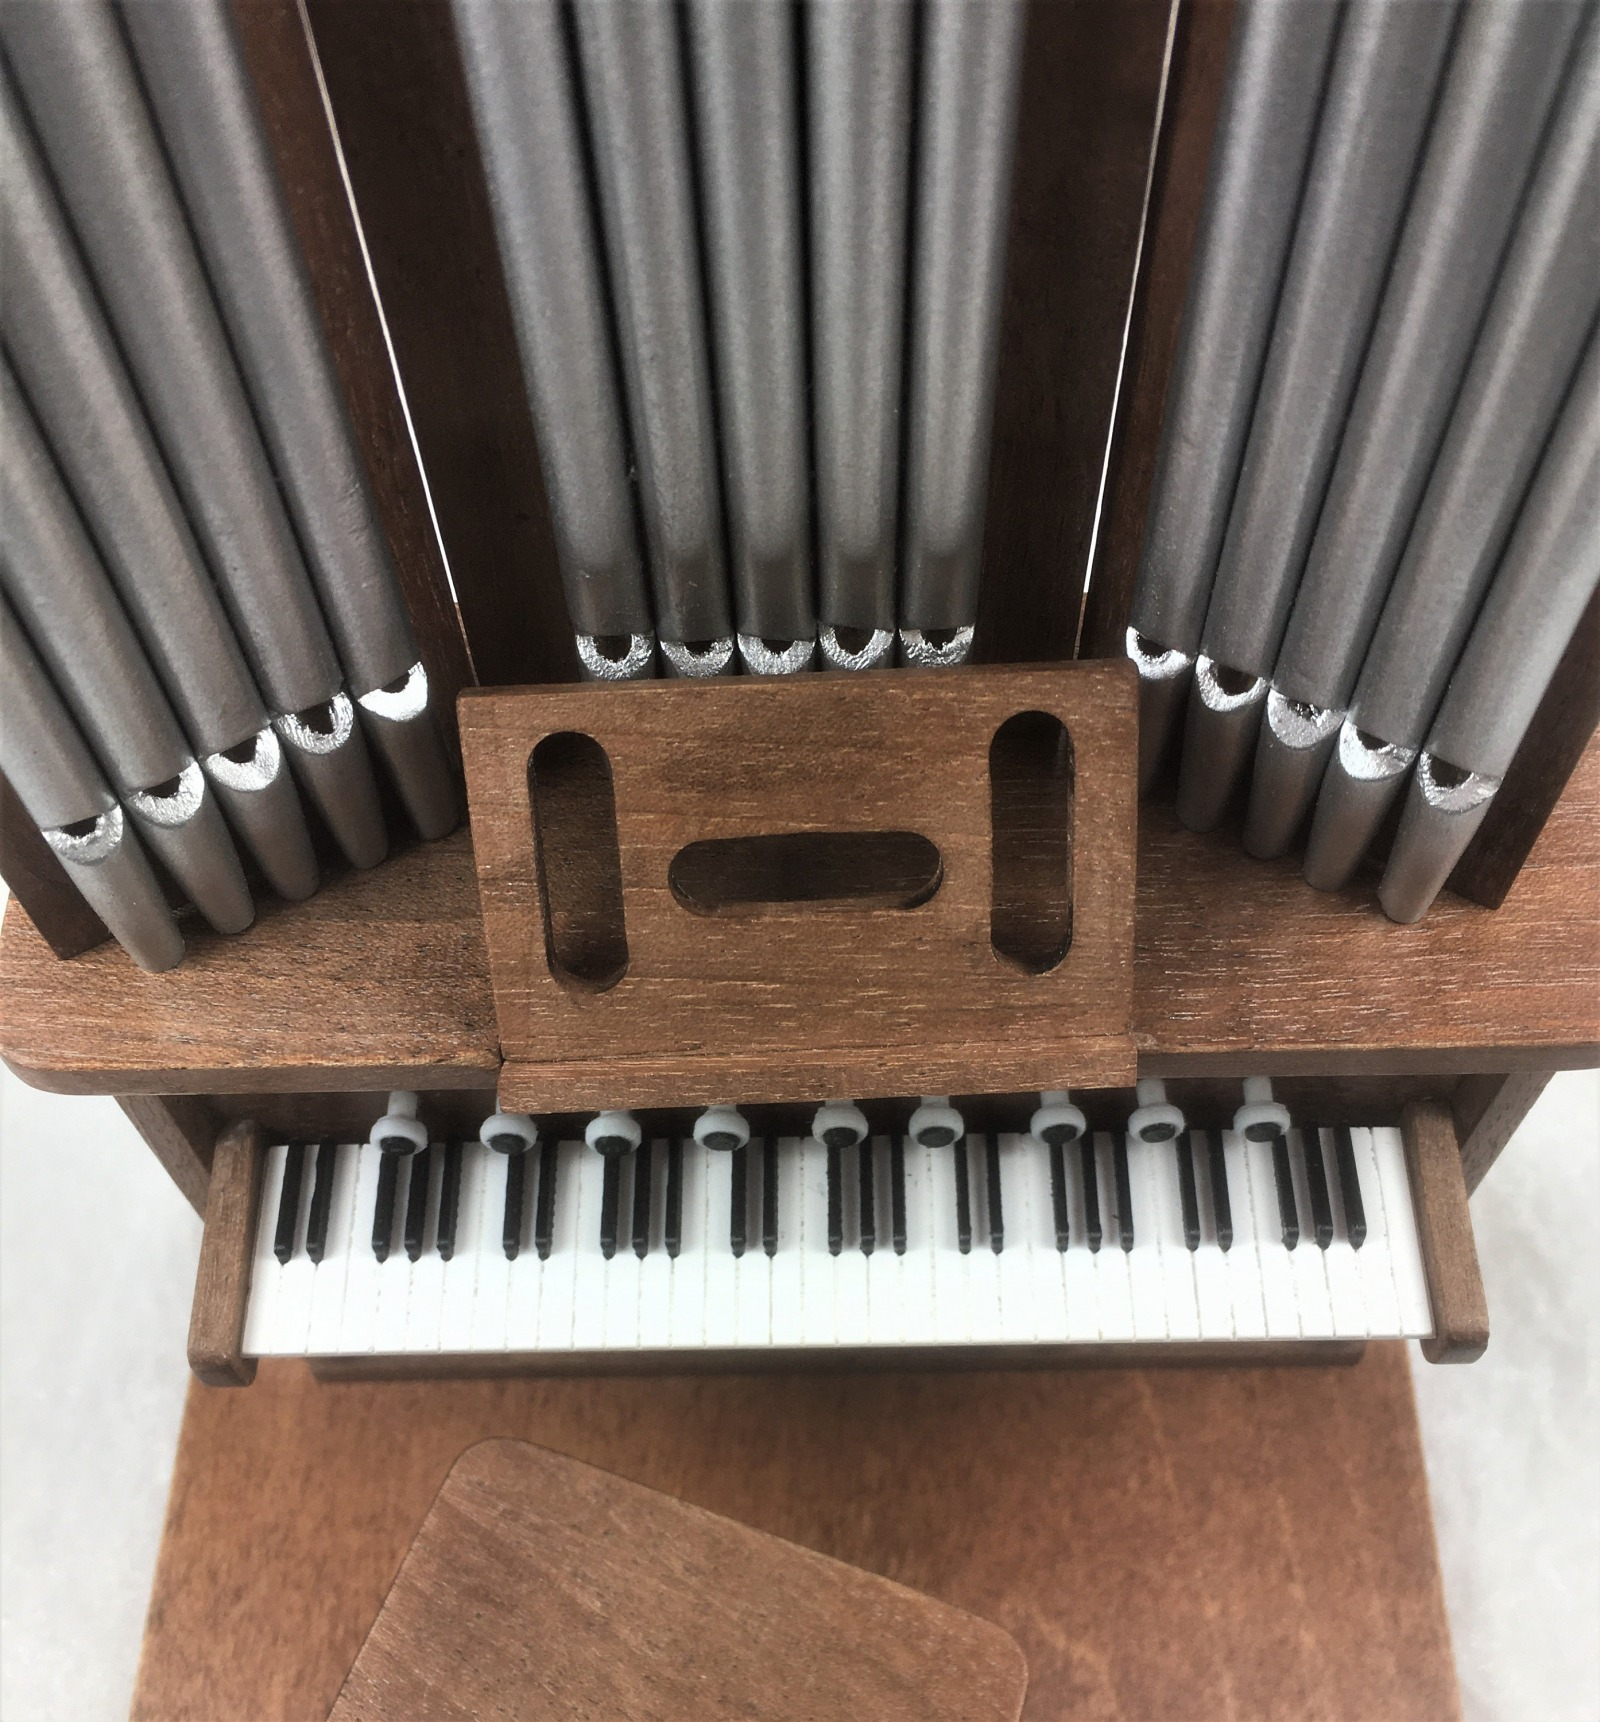 Klaviertastatur Pianotastatur Orgeltastatur zum einbauen in